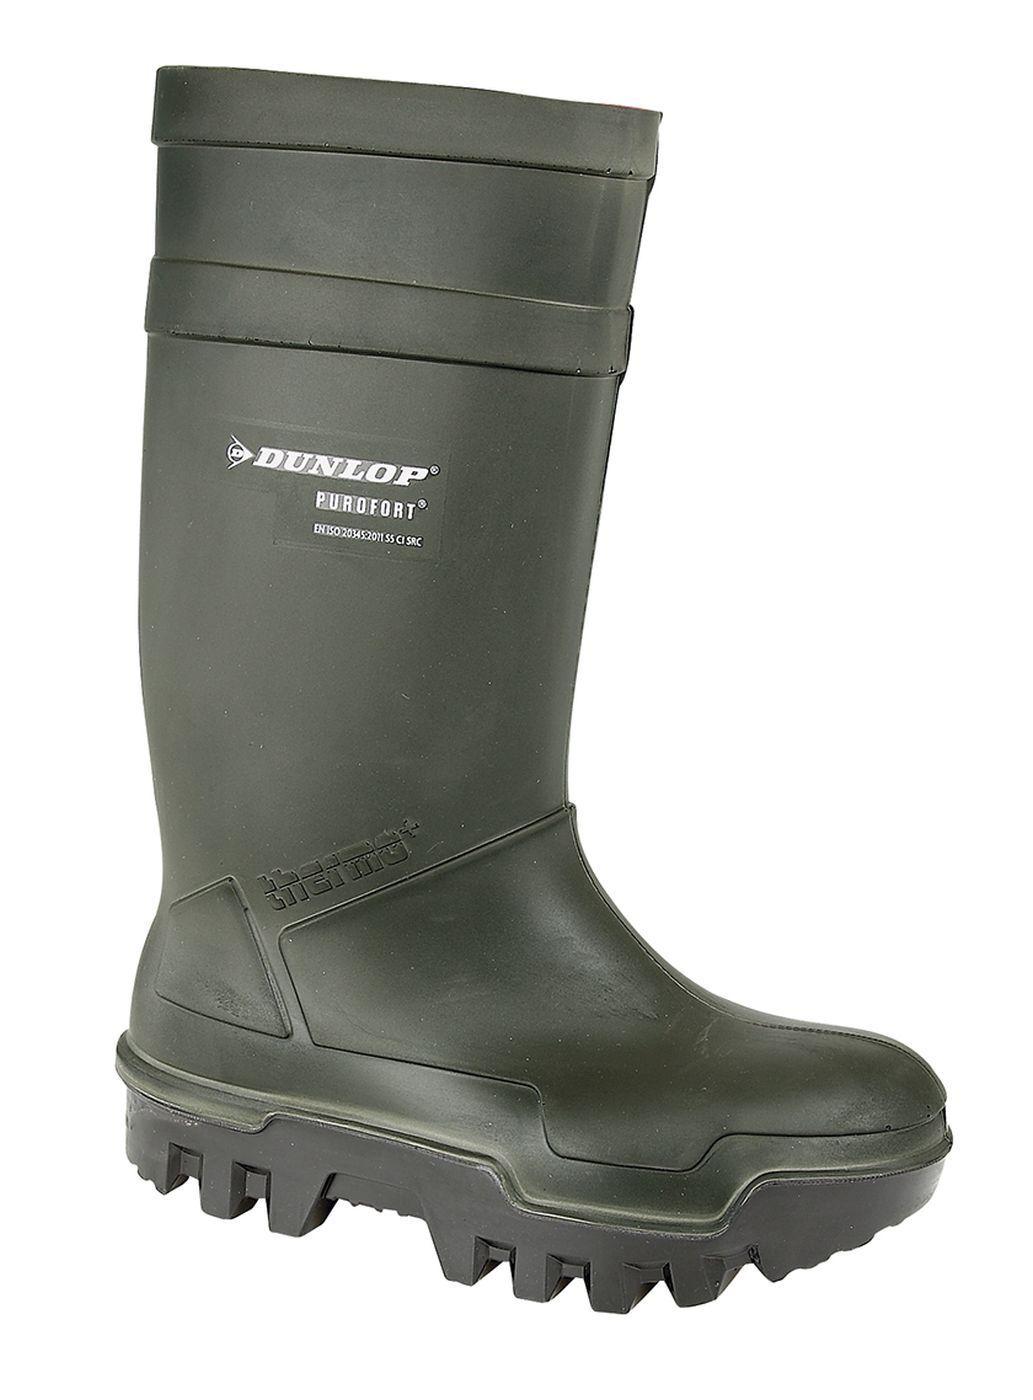 Da Uomo Taglia 7 8 9 10 11 12 13 Dunlop Purofort Stivali in sicurezza termica